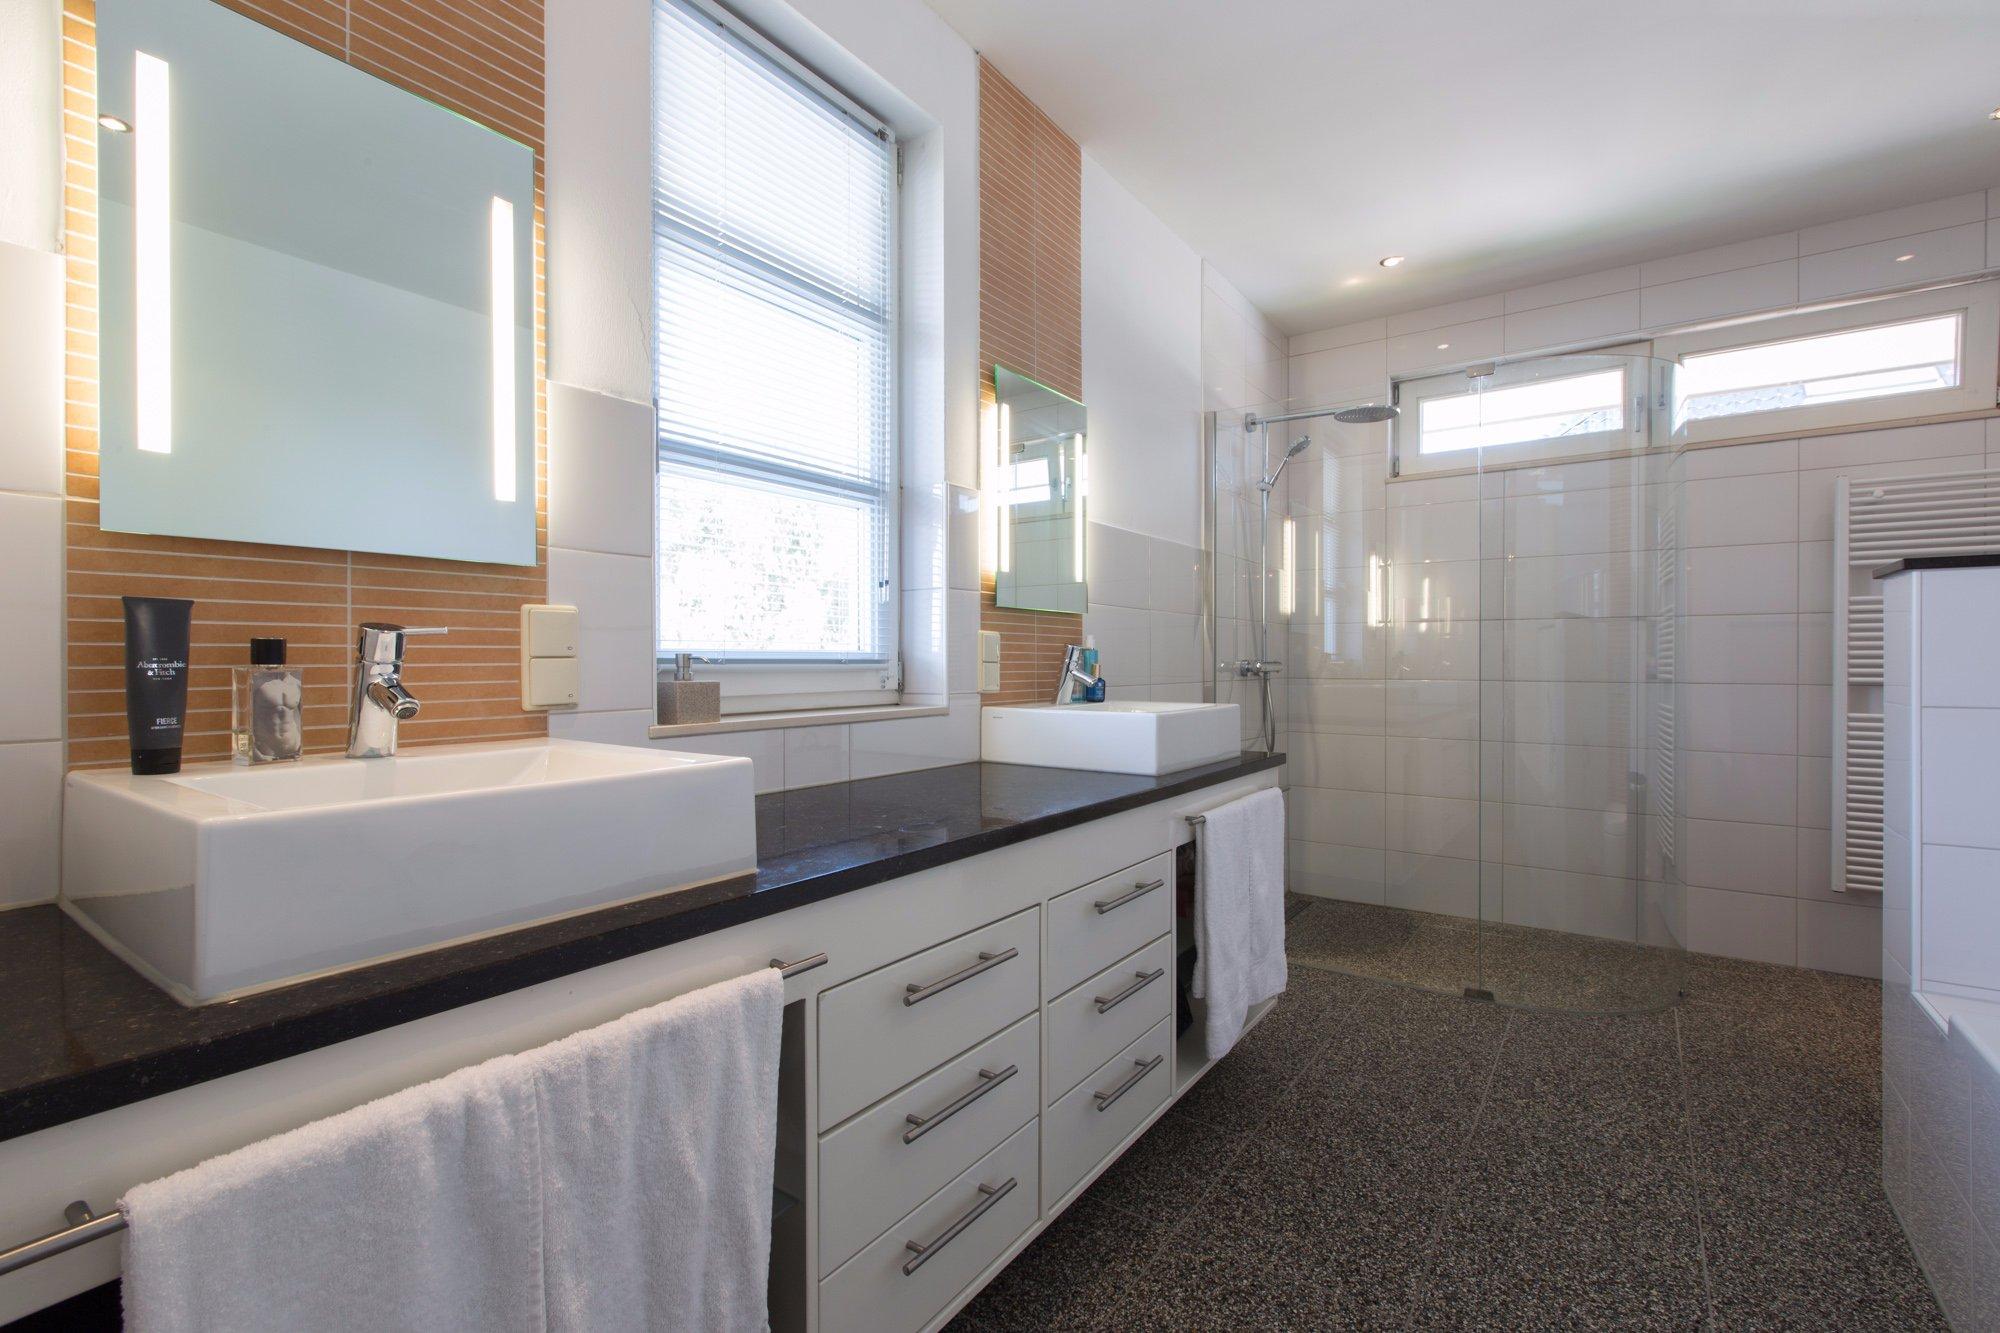 Troffelvloer In Badkamer : Badkamer het aanbrengen van een troffelvloer en stucwerk beton